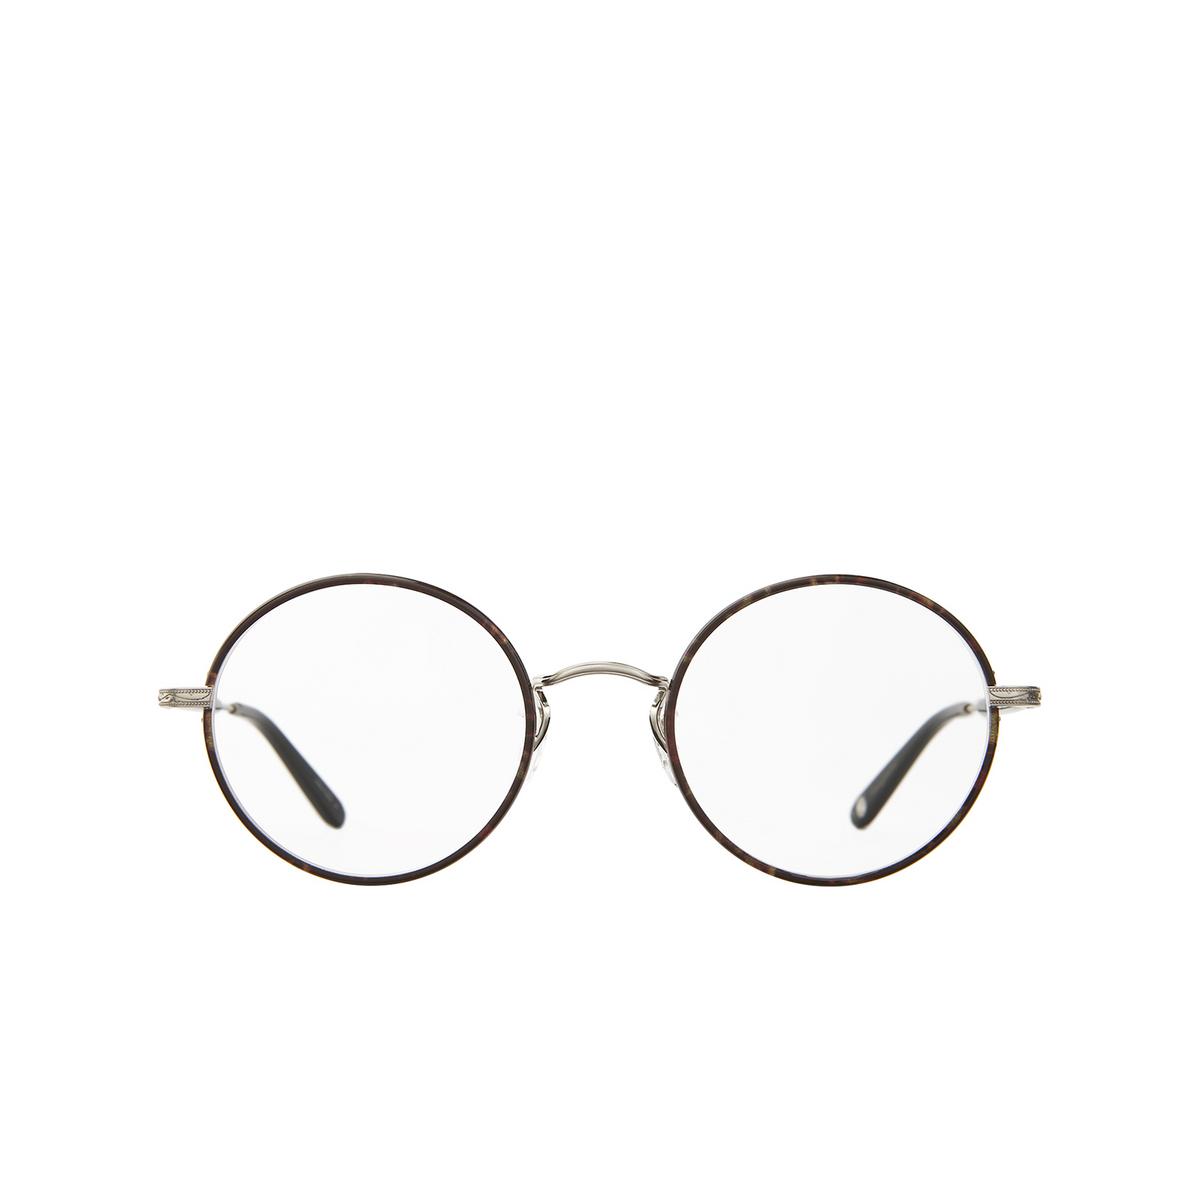 Garrett Leight® Round Eyeglasses: Fonda color Bourbon Tortoise - Brushed Silver Bbt-bs-bk.